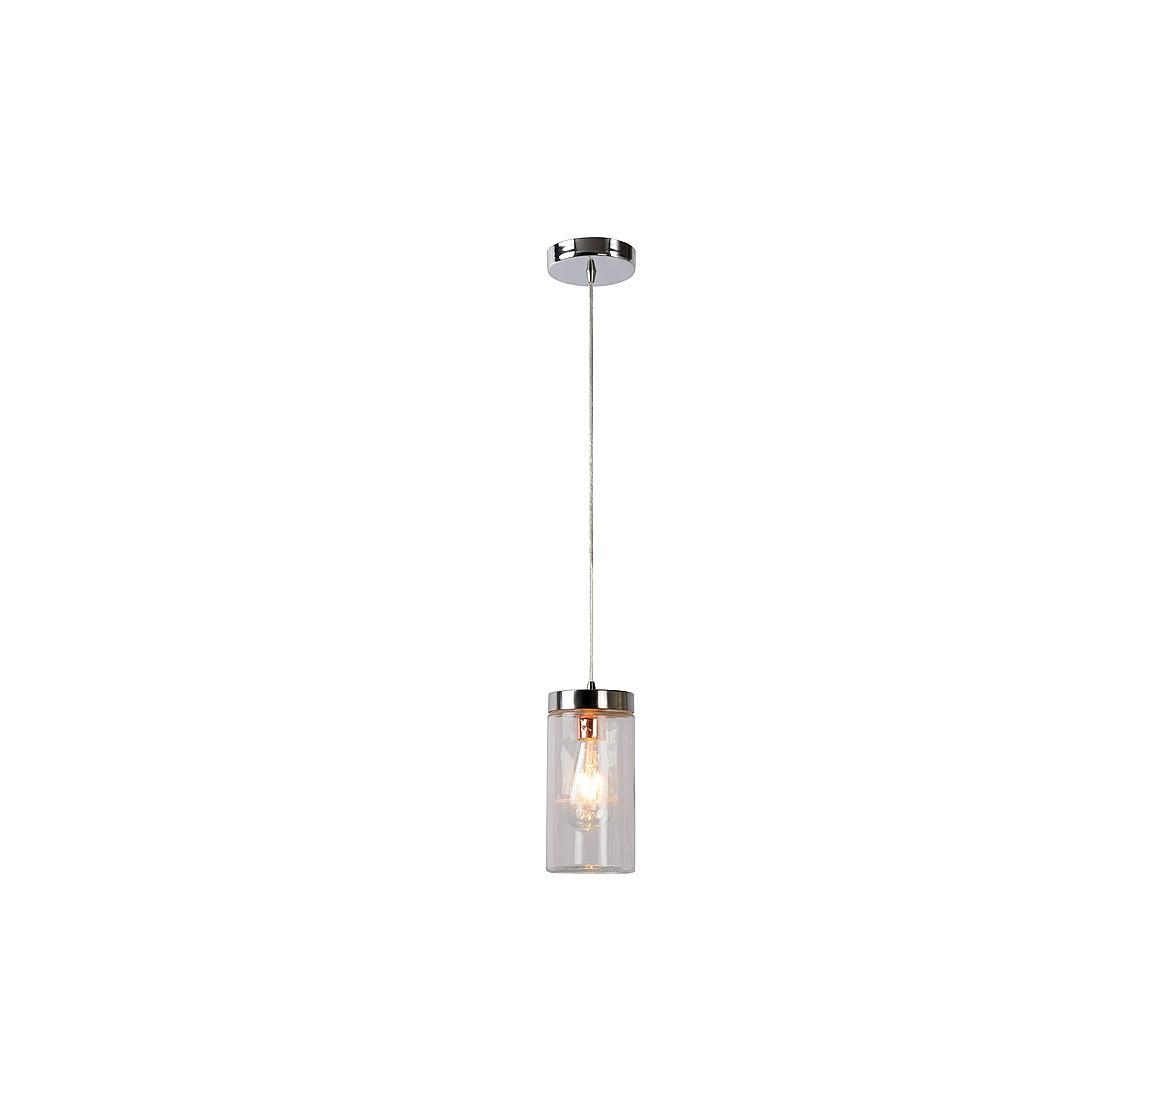 Подвесной светильник EPICEПодвесные светильники<br>основание: металл/хром<br>плафон: стекло<br>диаметр: 11 см<br>высота: 120 см<br>E27, 60W,1 лампочка (в комплект не входит)<br><br>Material: Стекло<br>Высота см: 120